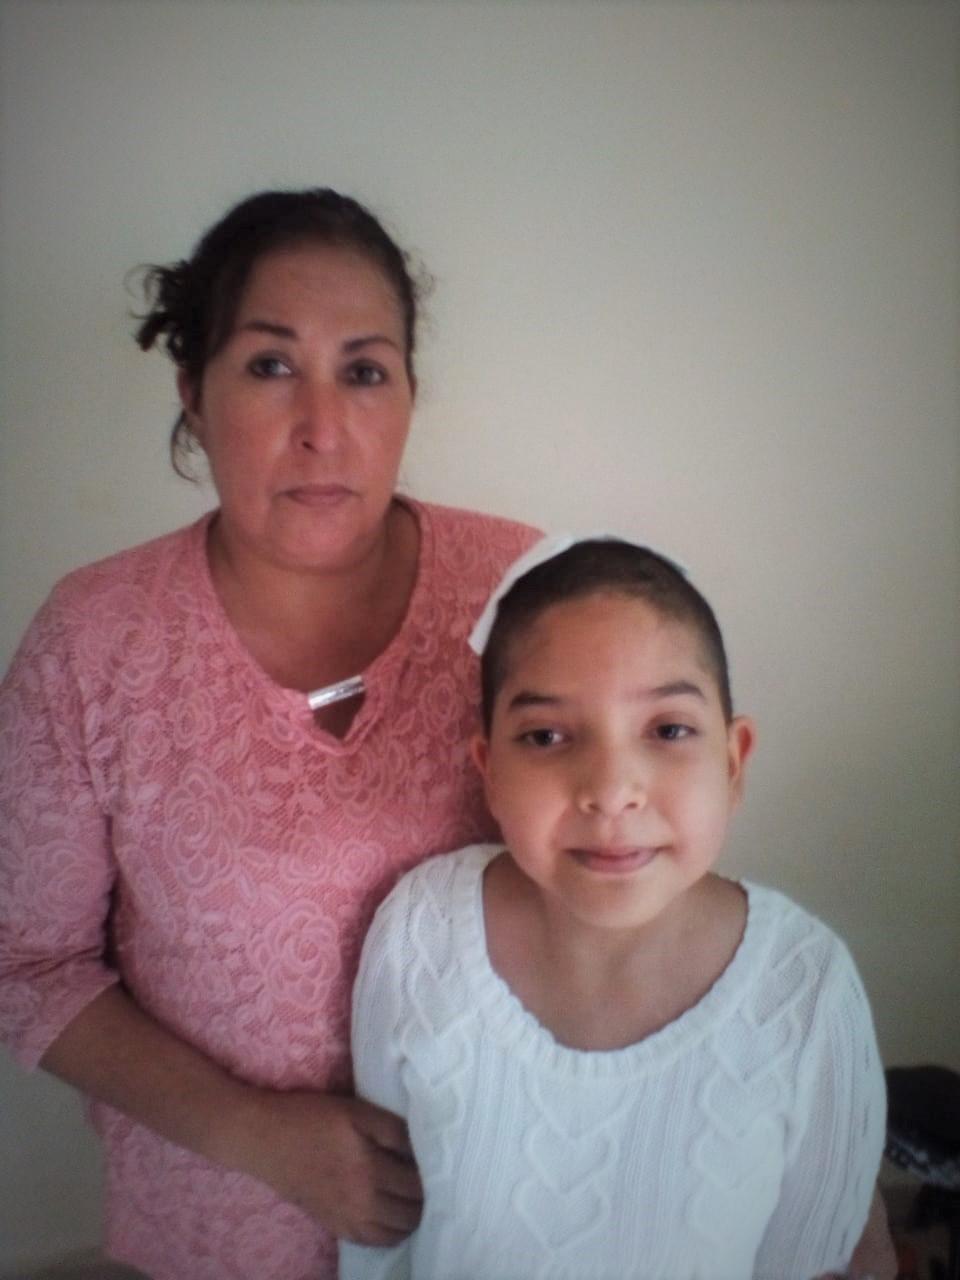 SSG extirpa con éxito tumor intracraneal a una niña de 9 años originaria de Durango. 1